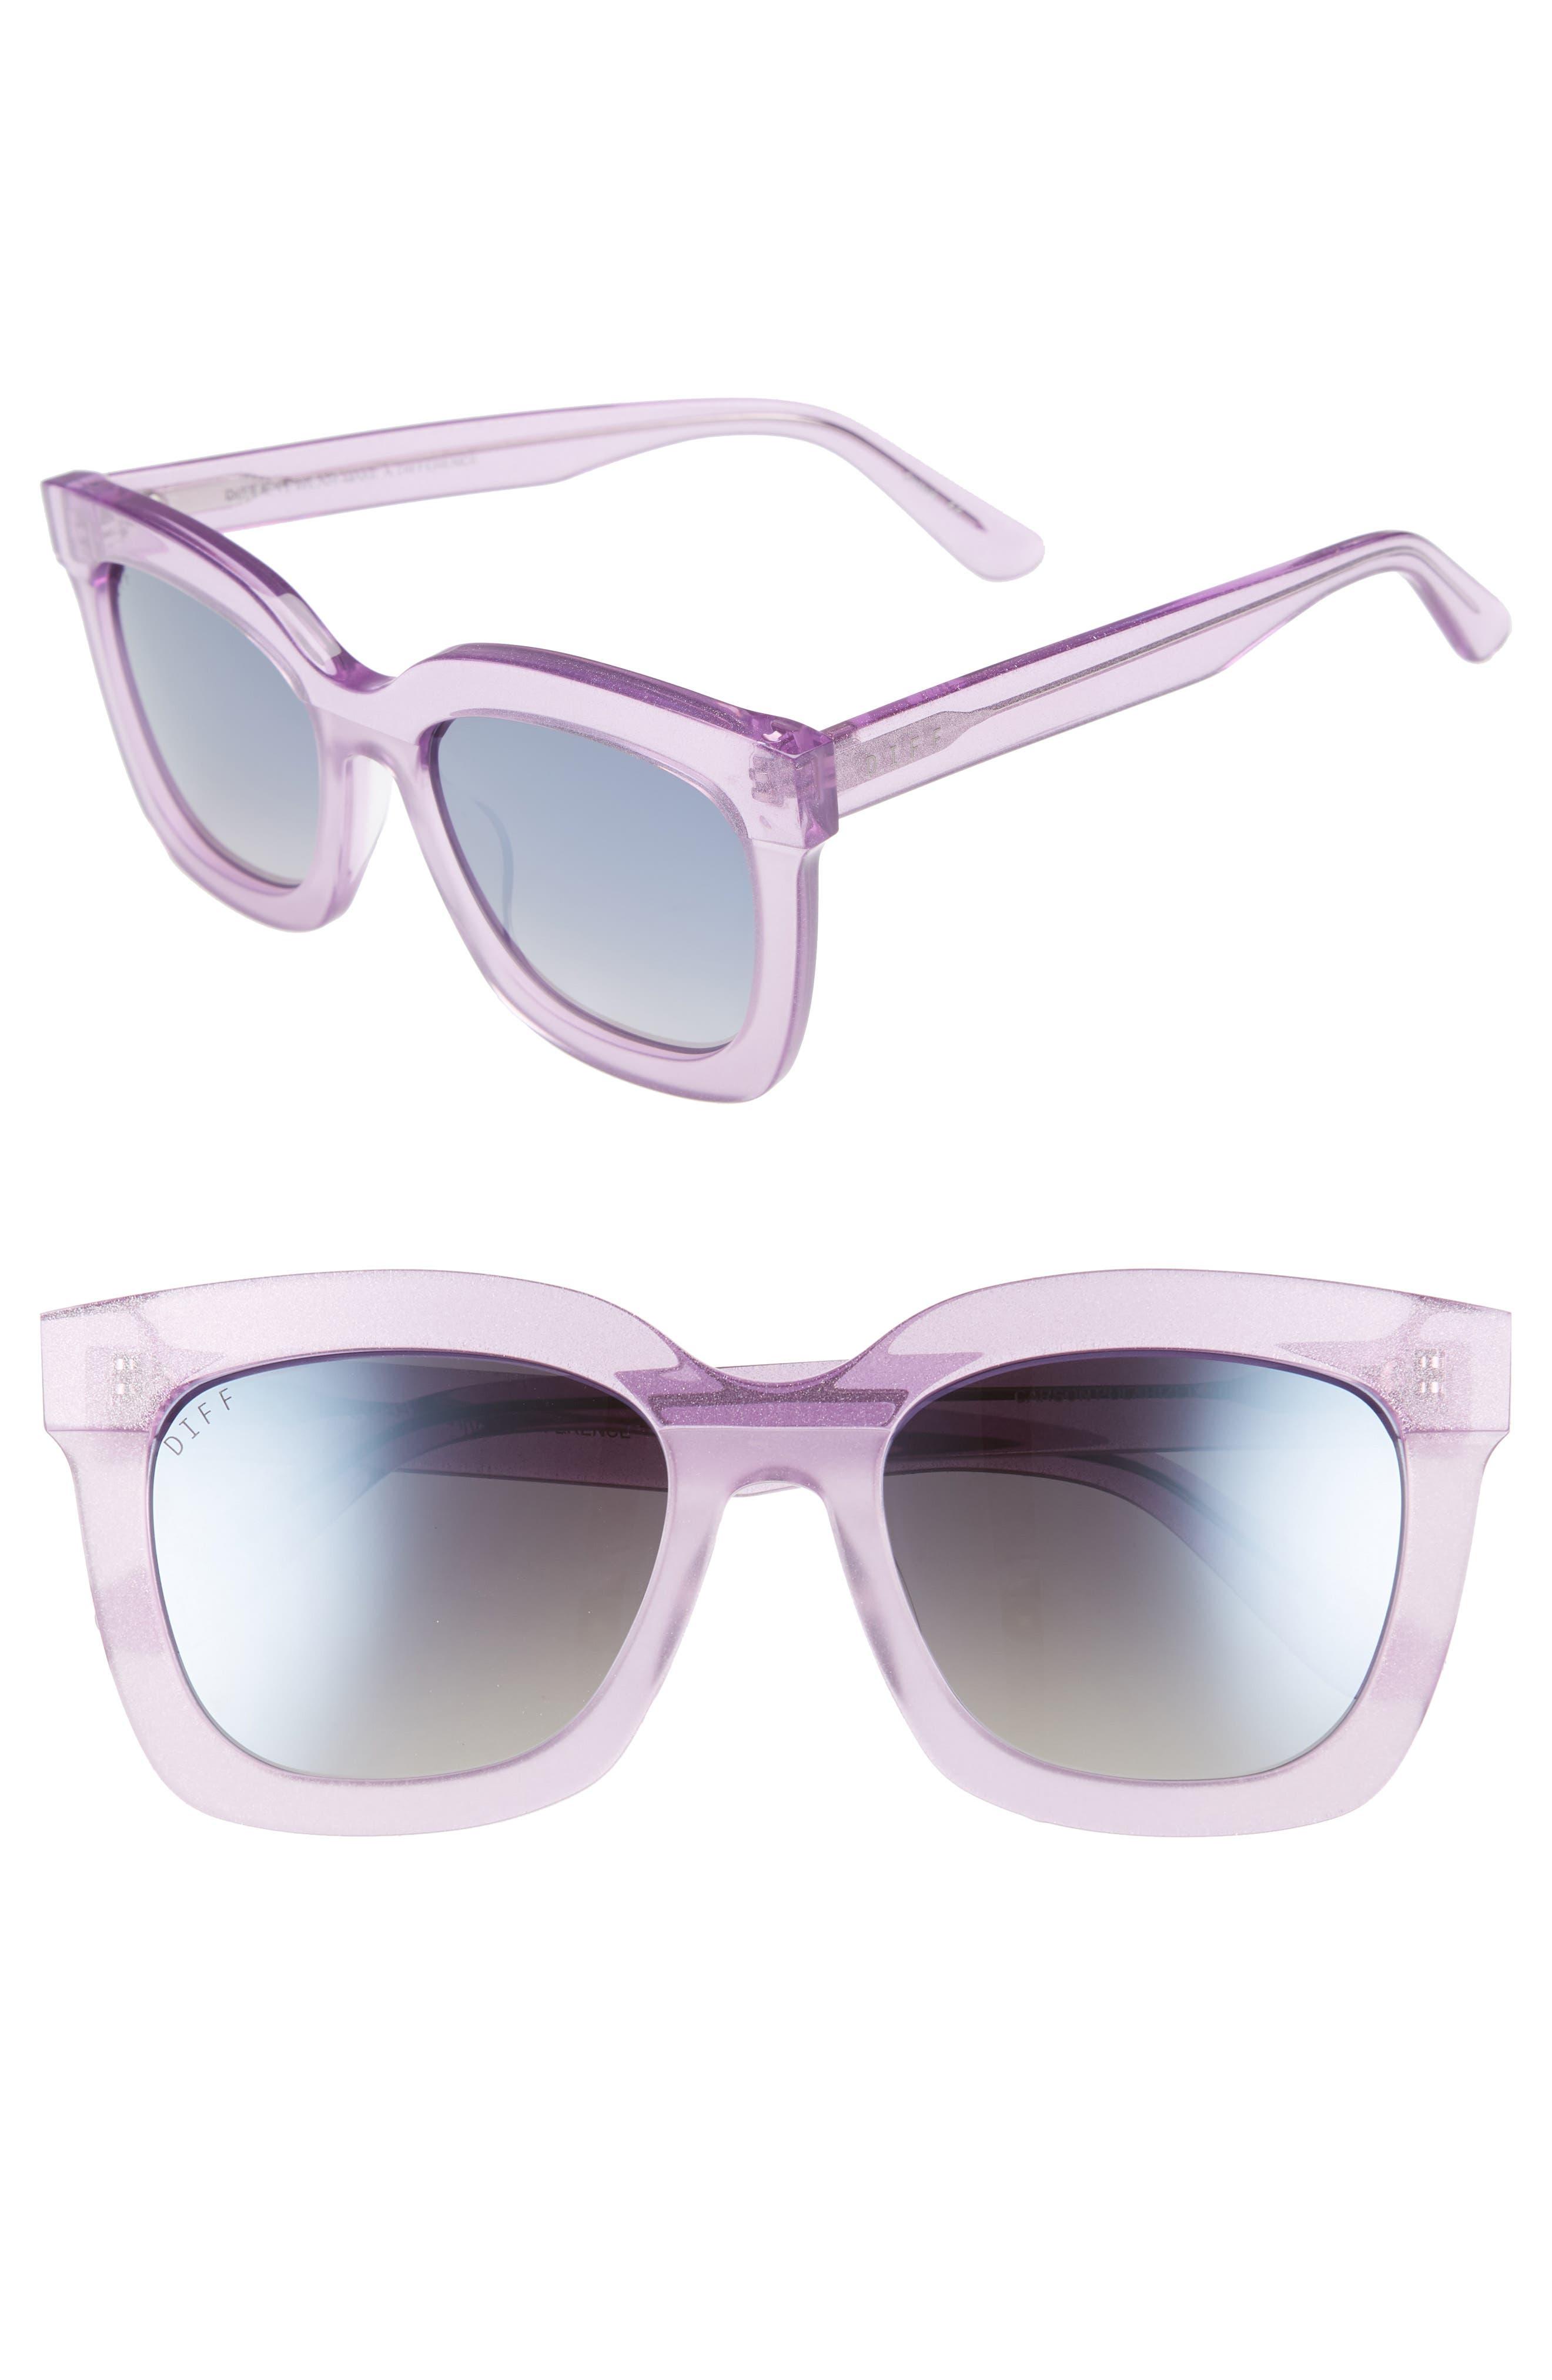 Diff Carson 5m Polarized Square Sunglasses - Amethyst Glitter/ Smoke